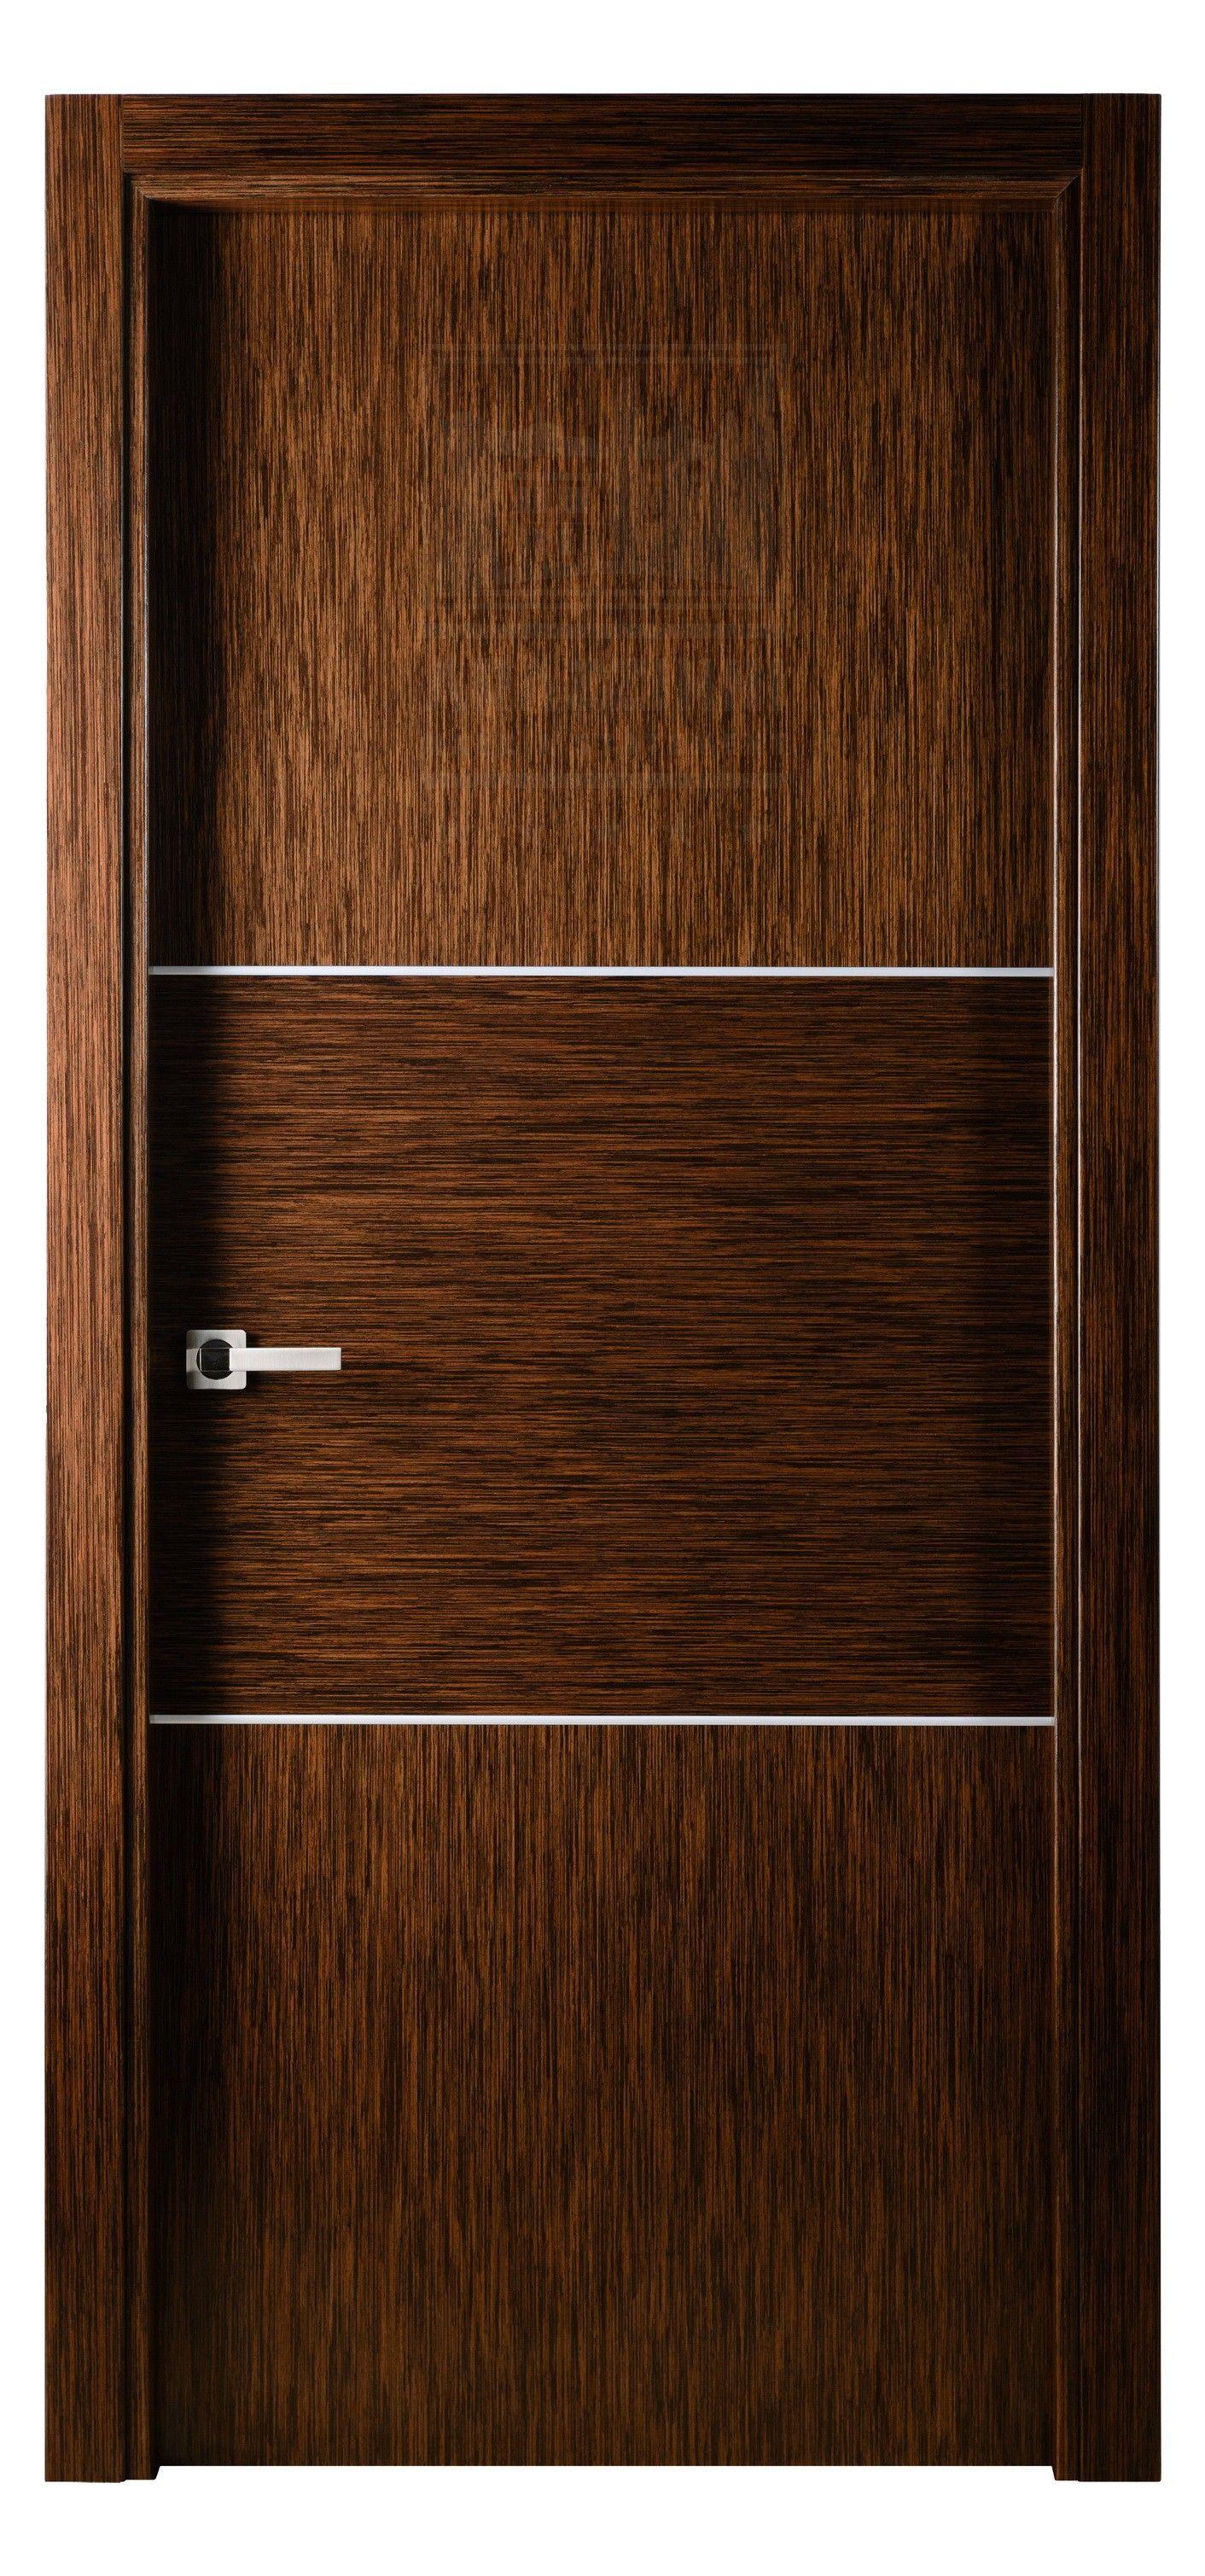 Astra Interior Door in Wenge Lacewood Finish & Astra Interior Door in Wenge Lacewood Finish | Exotic Wood Veneer ...